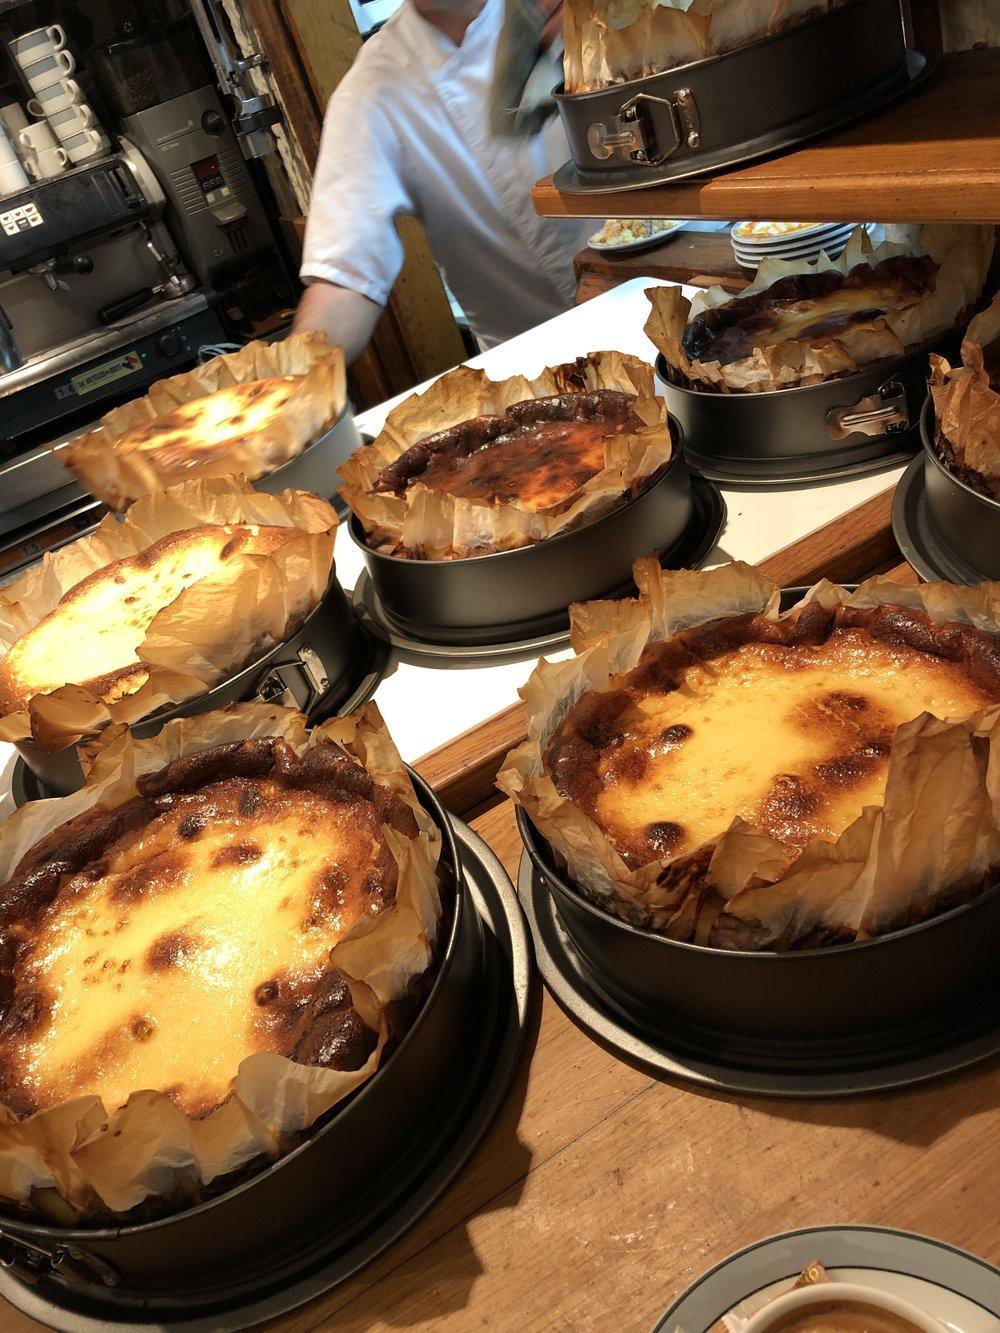 La viña ここでは毎日50個のチーズケーキを焼く。オーブンから出来立てが出てくるんだけどぷるんぷるん。冷まして沈ませる。小さめふた切れで€5 濃厚でクリーミーで美味しい。 安い。